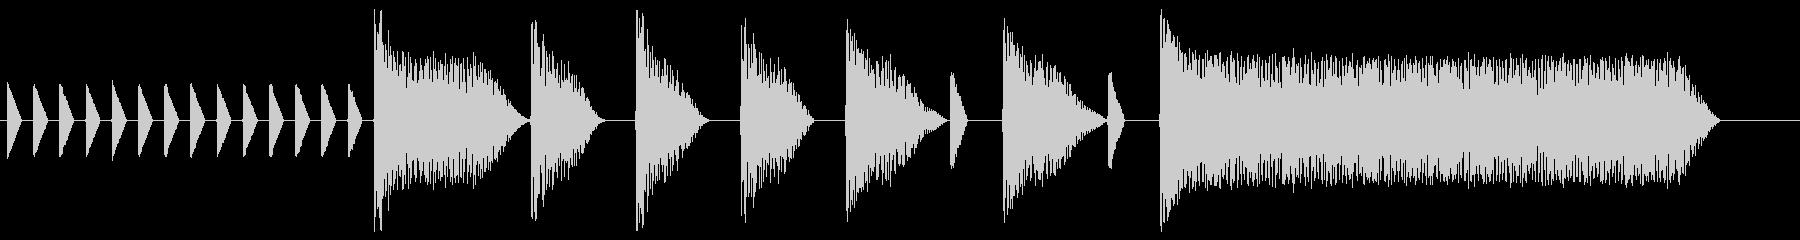 8bitジングル#10スタート&クリアの未再生の波形